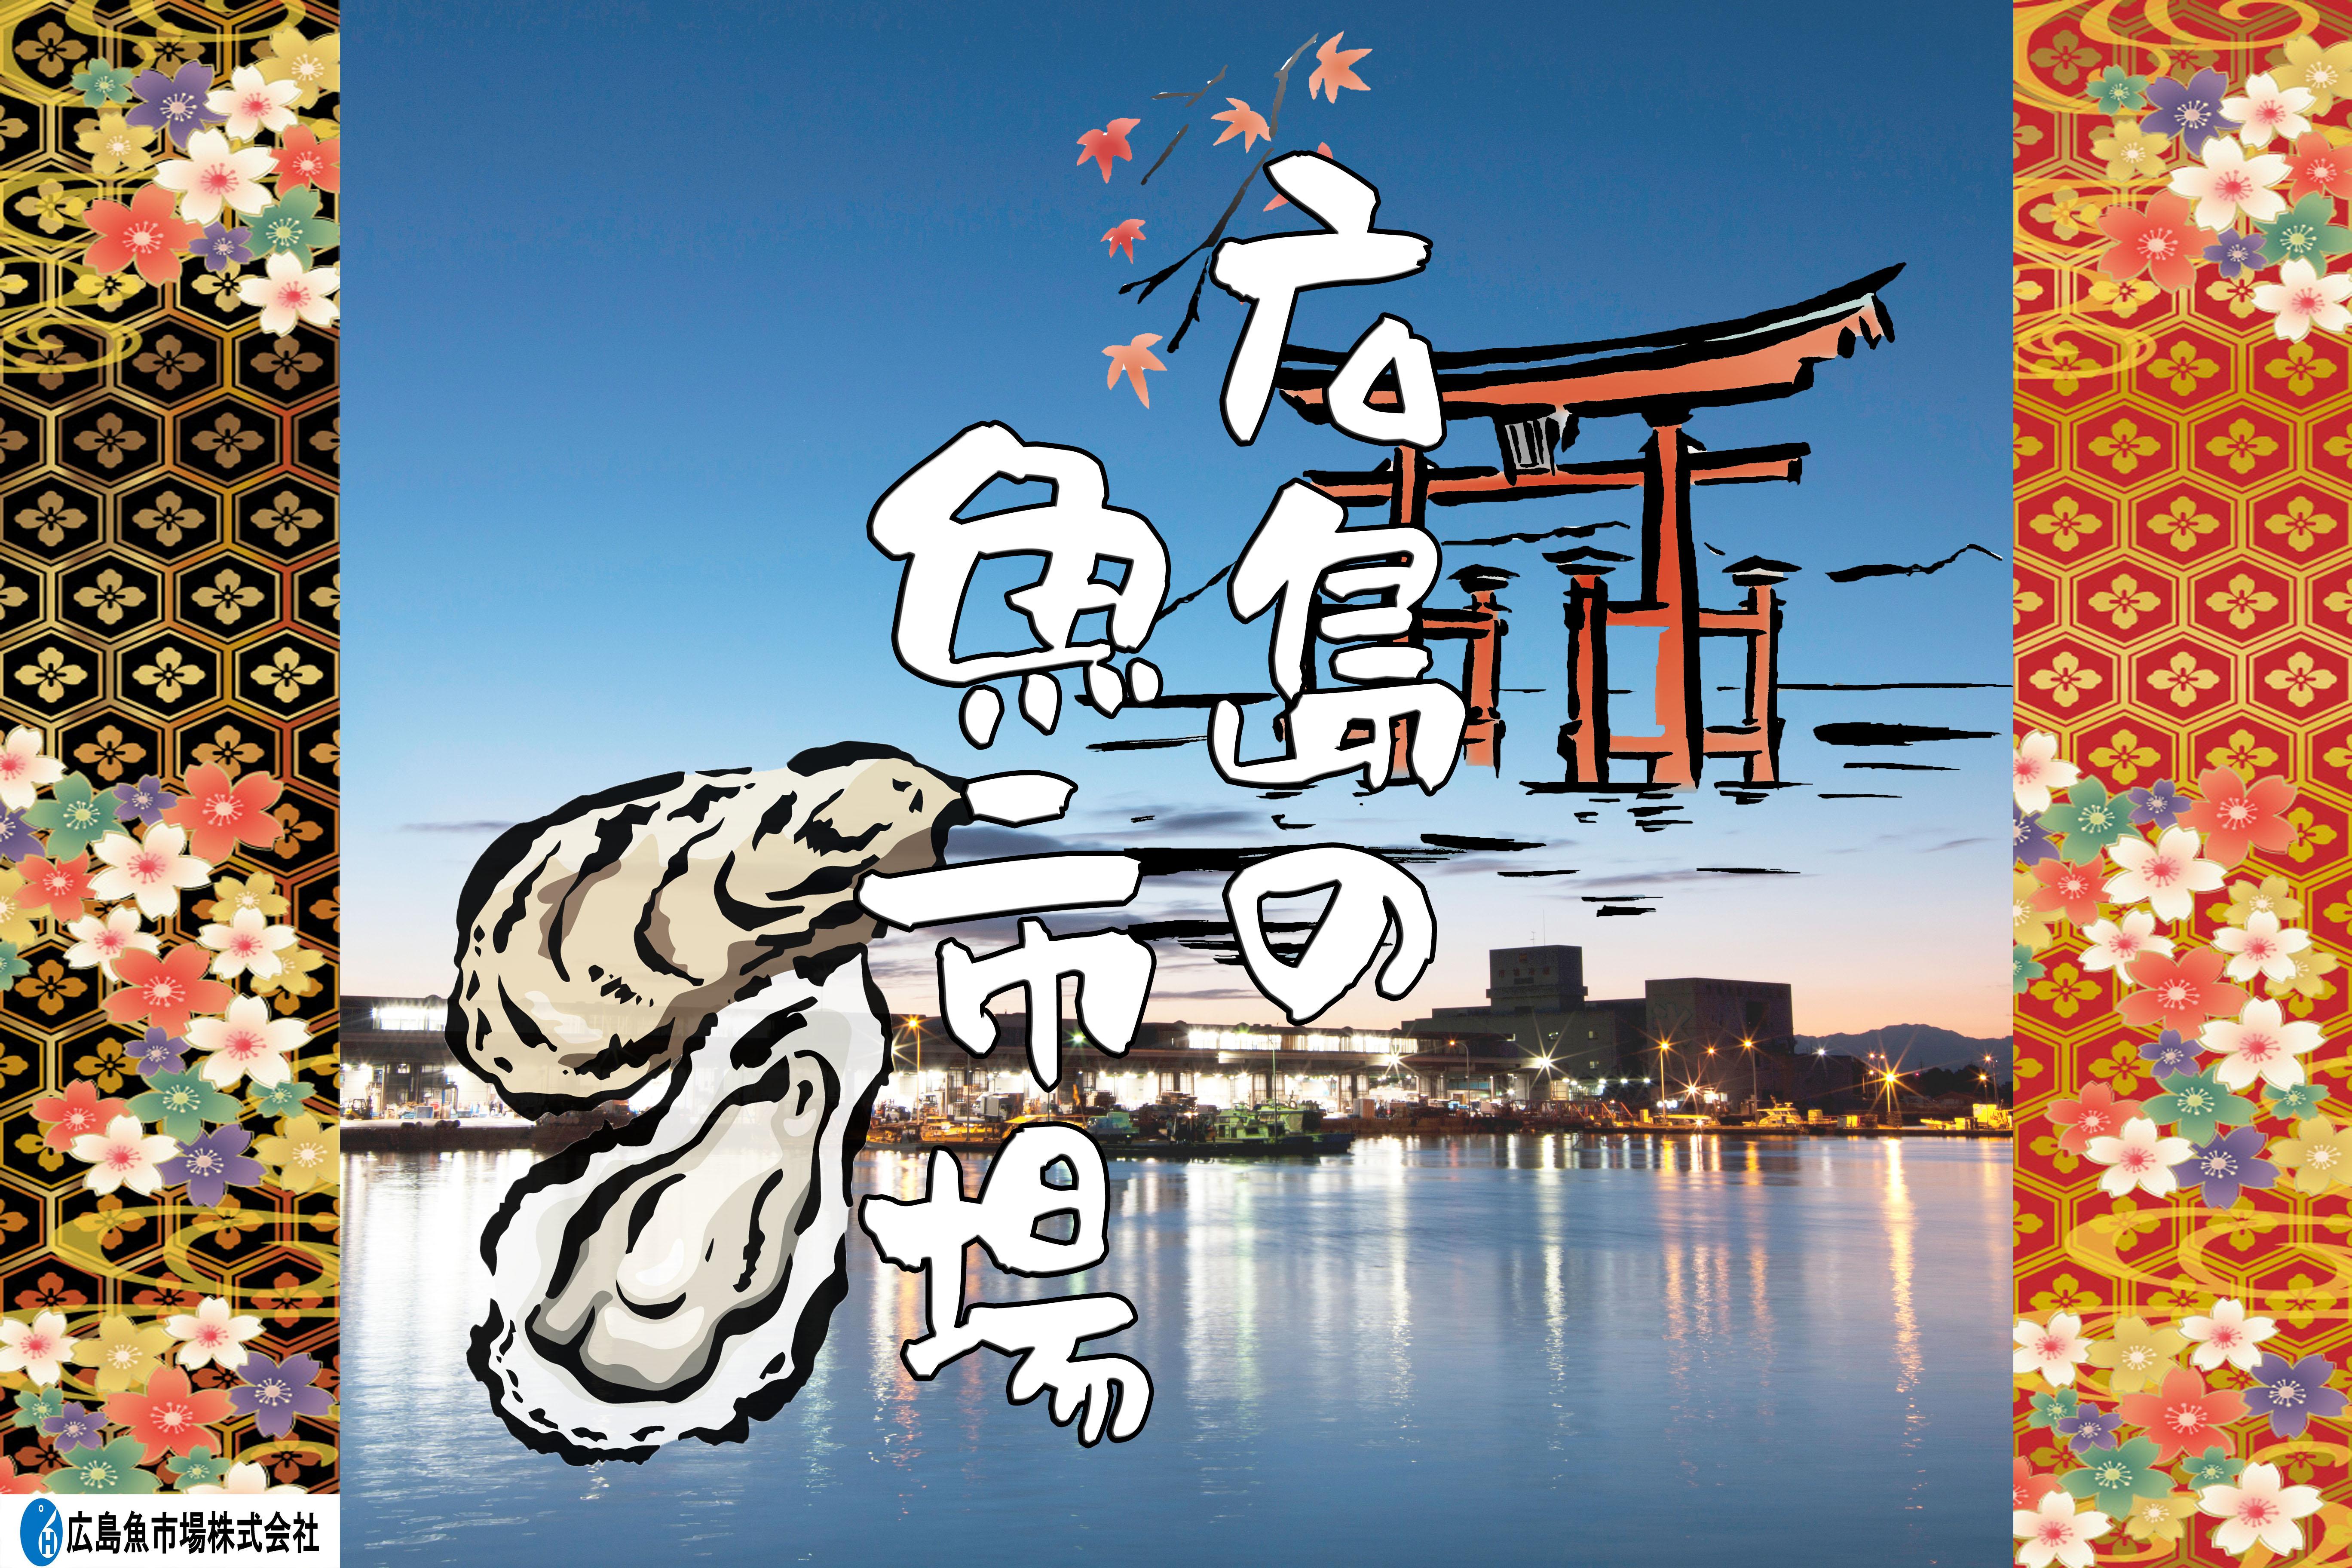 広島魚市場メインビジュアル